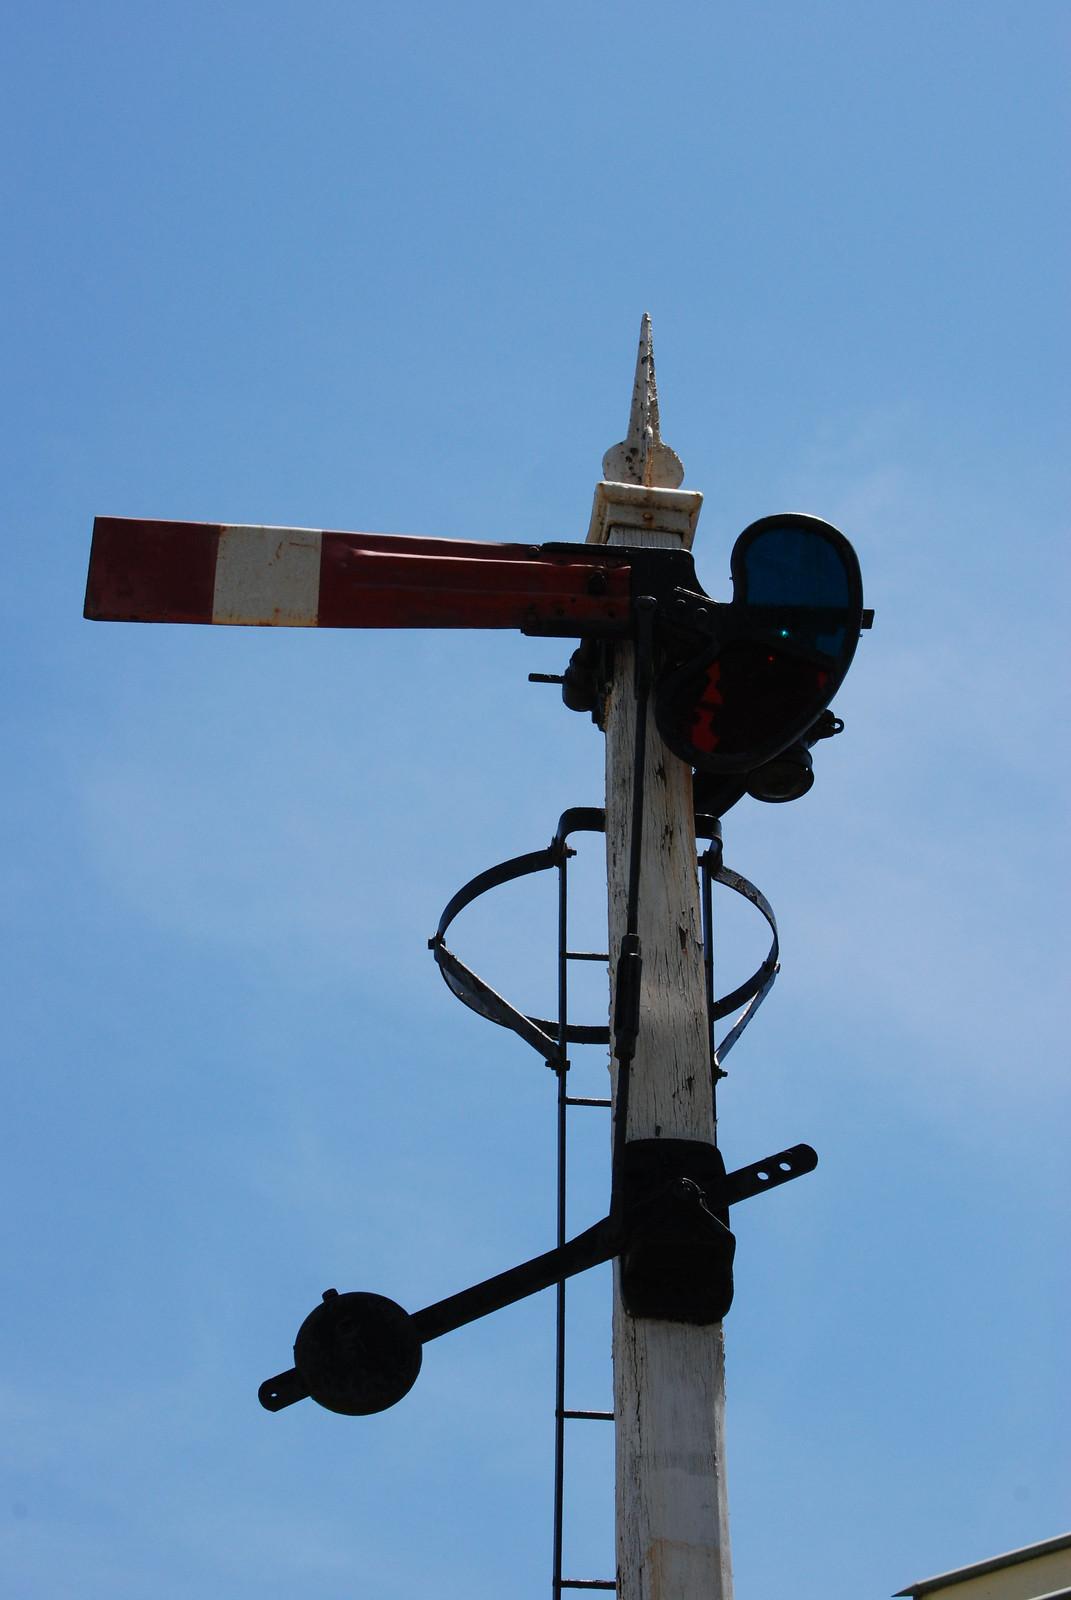 Lower Quadrant Signal by Tim Pruyn